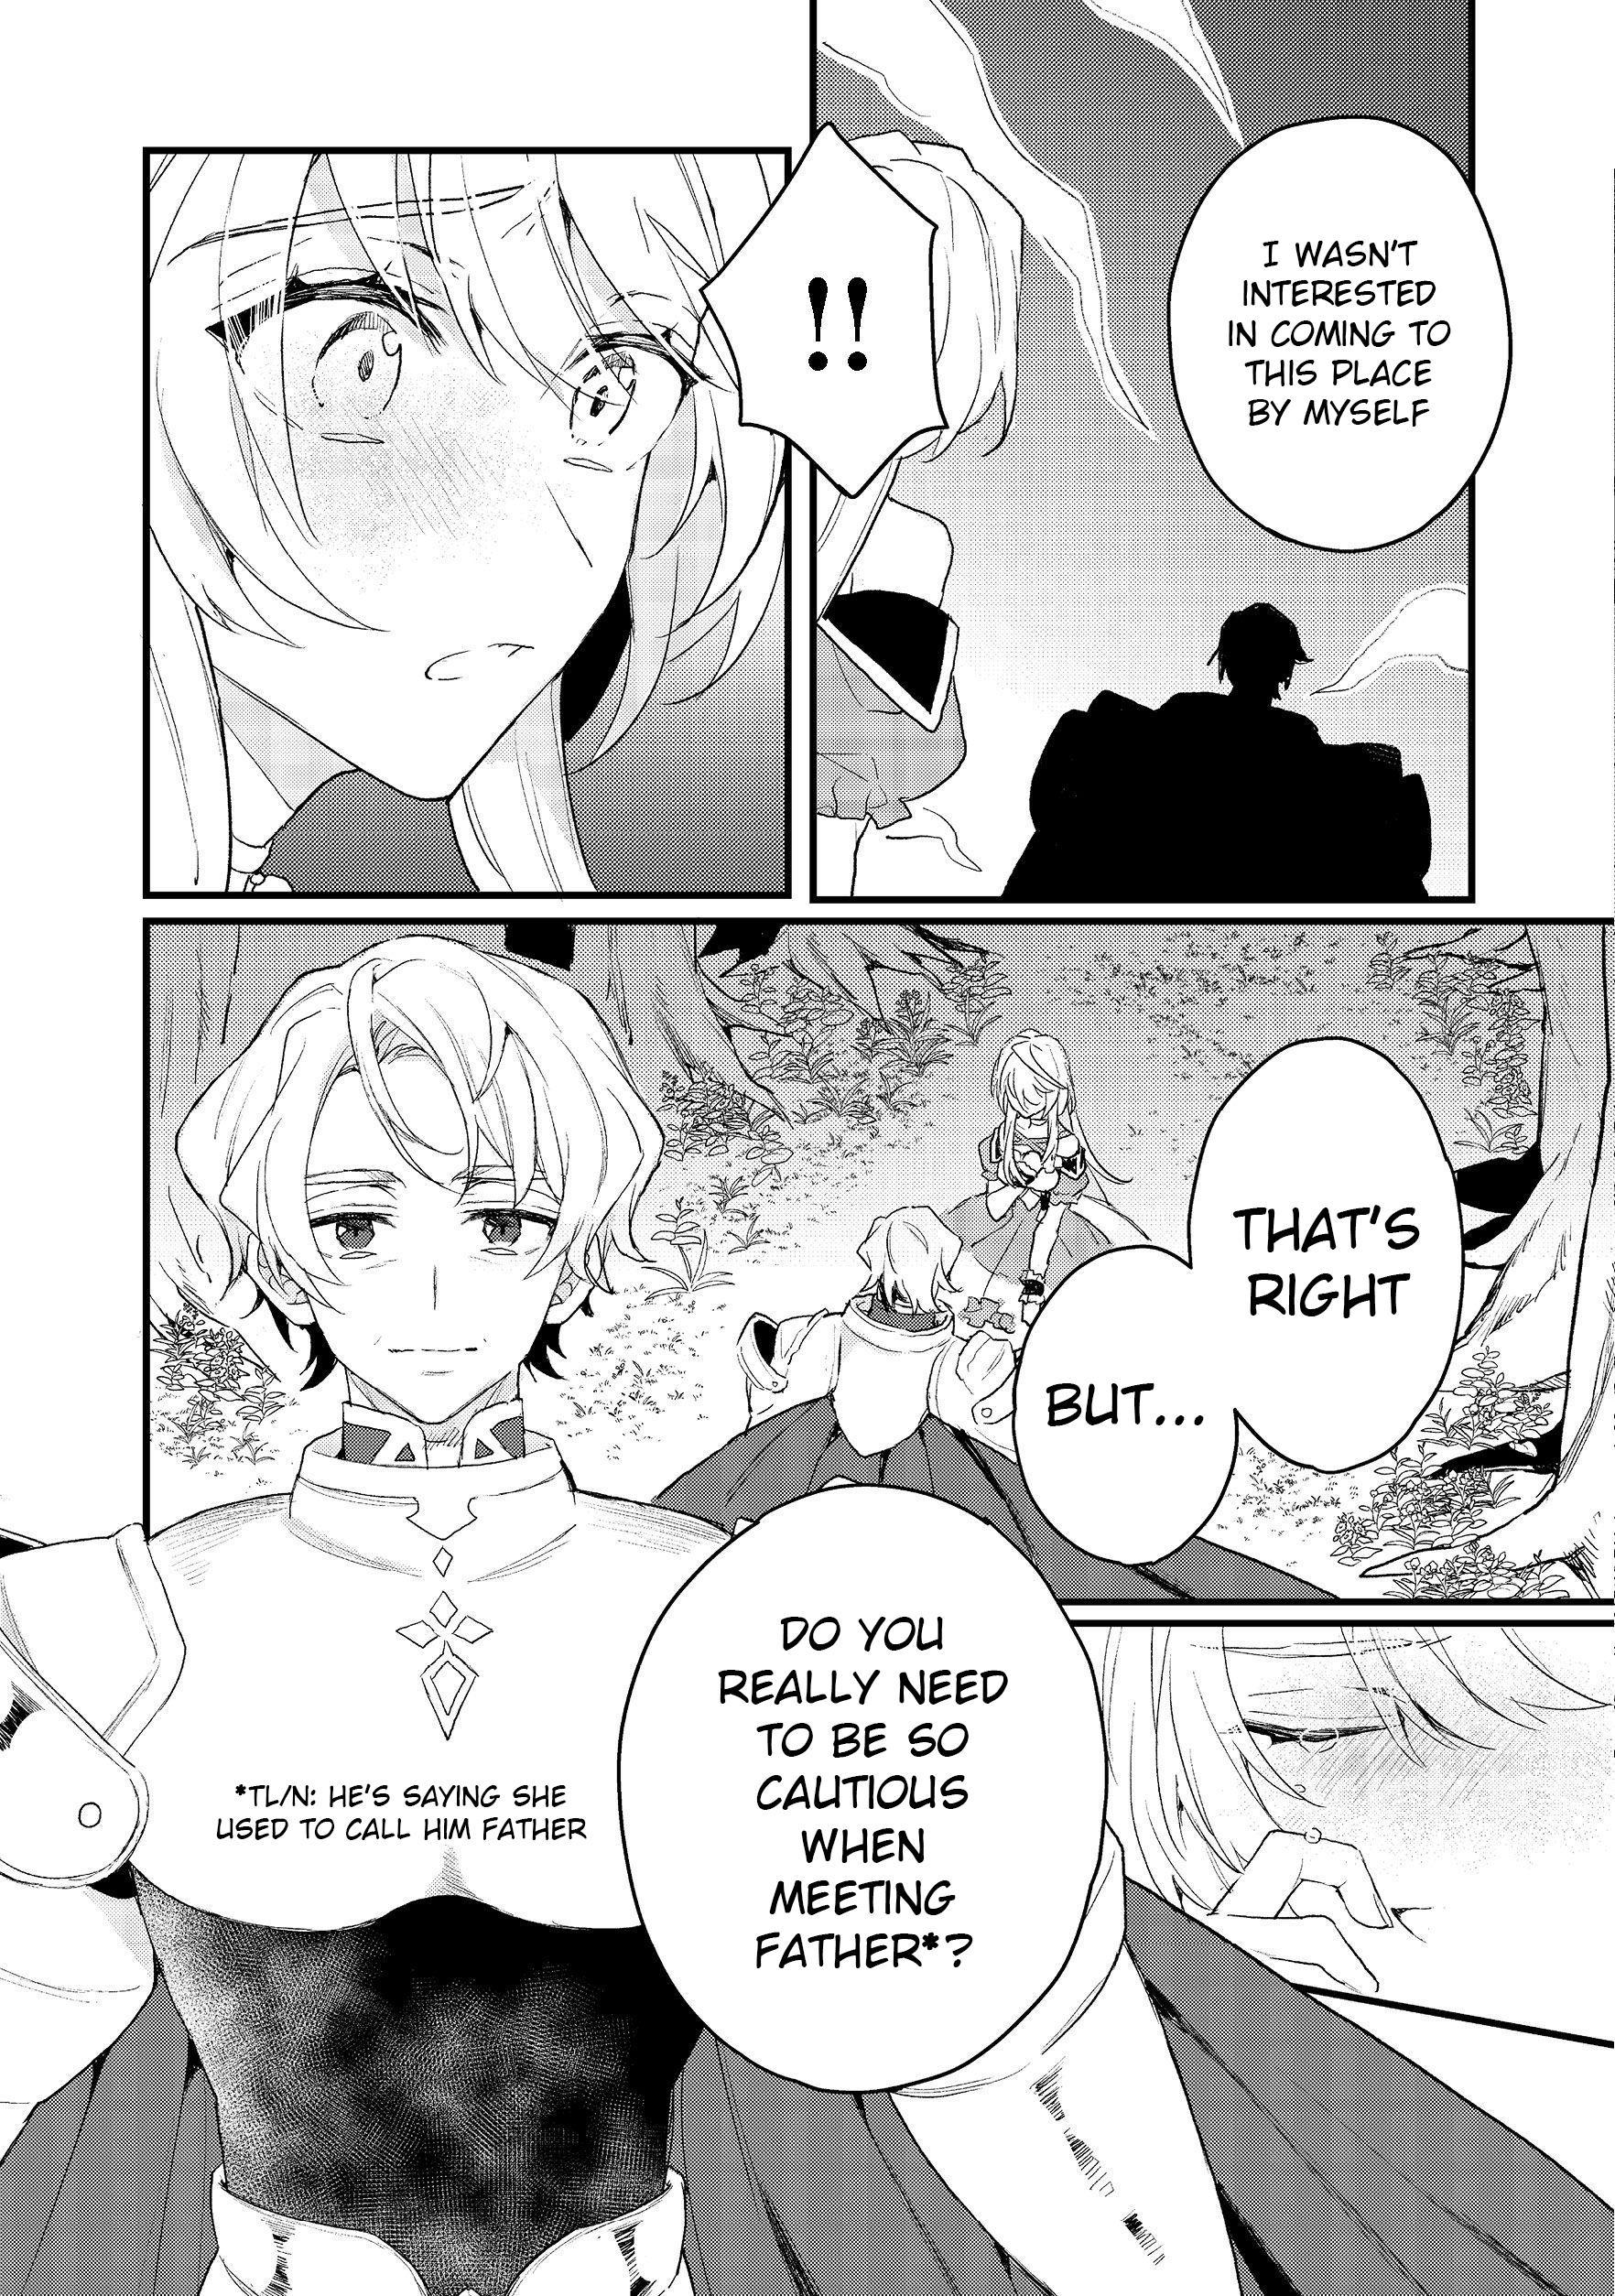 Dekisokonai To Yobareta Moto Eiyuu Wa, Jikka Kara Tsuihousareta No De Suki Katte Ni Ikiru Koto Ni Shita Chapter 11.2 page 4 - Mangakakalots.com